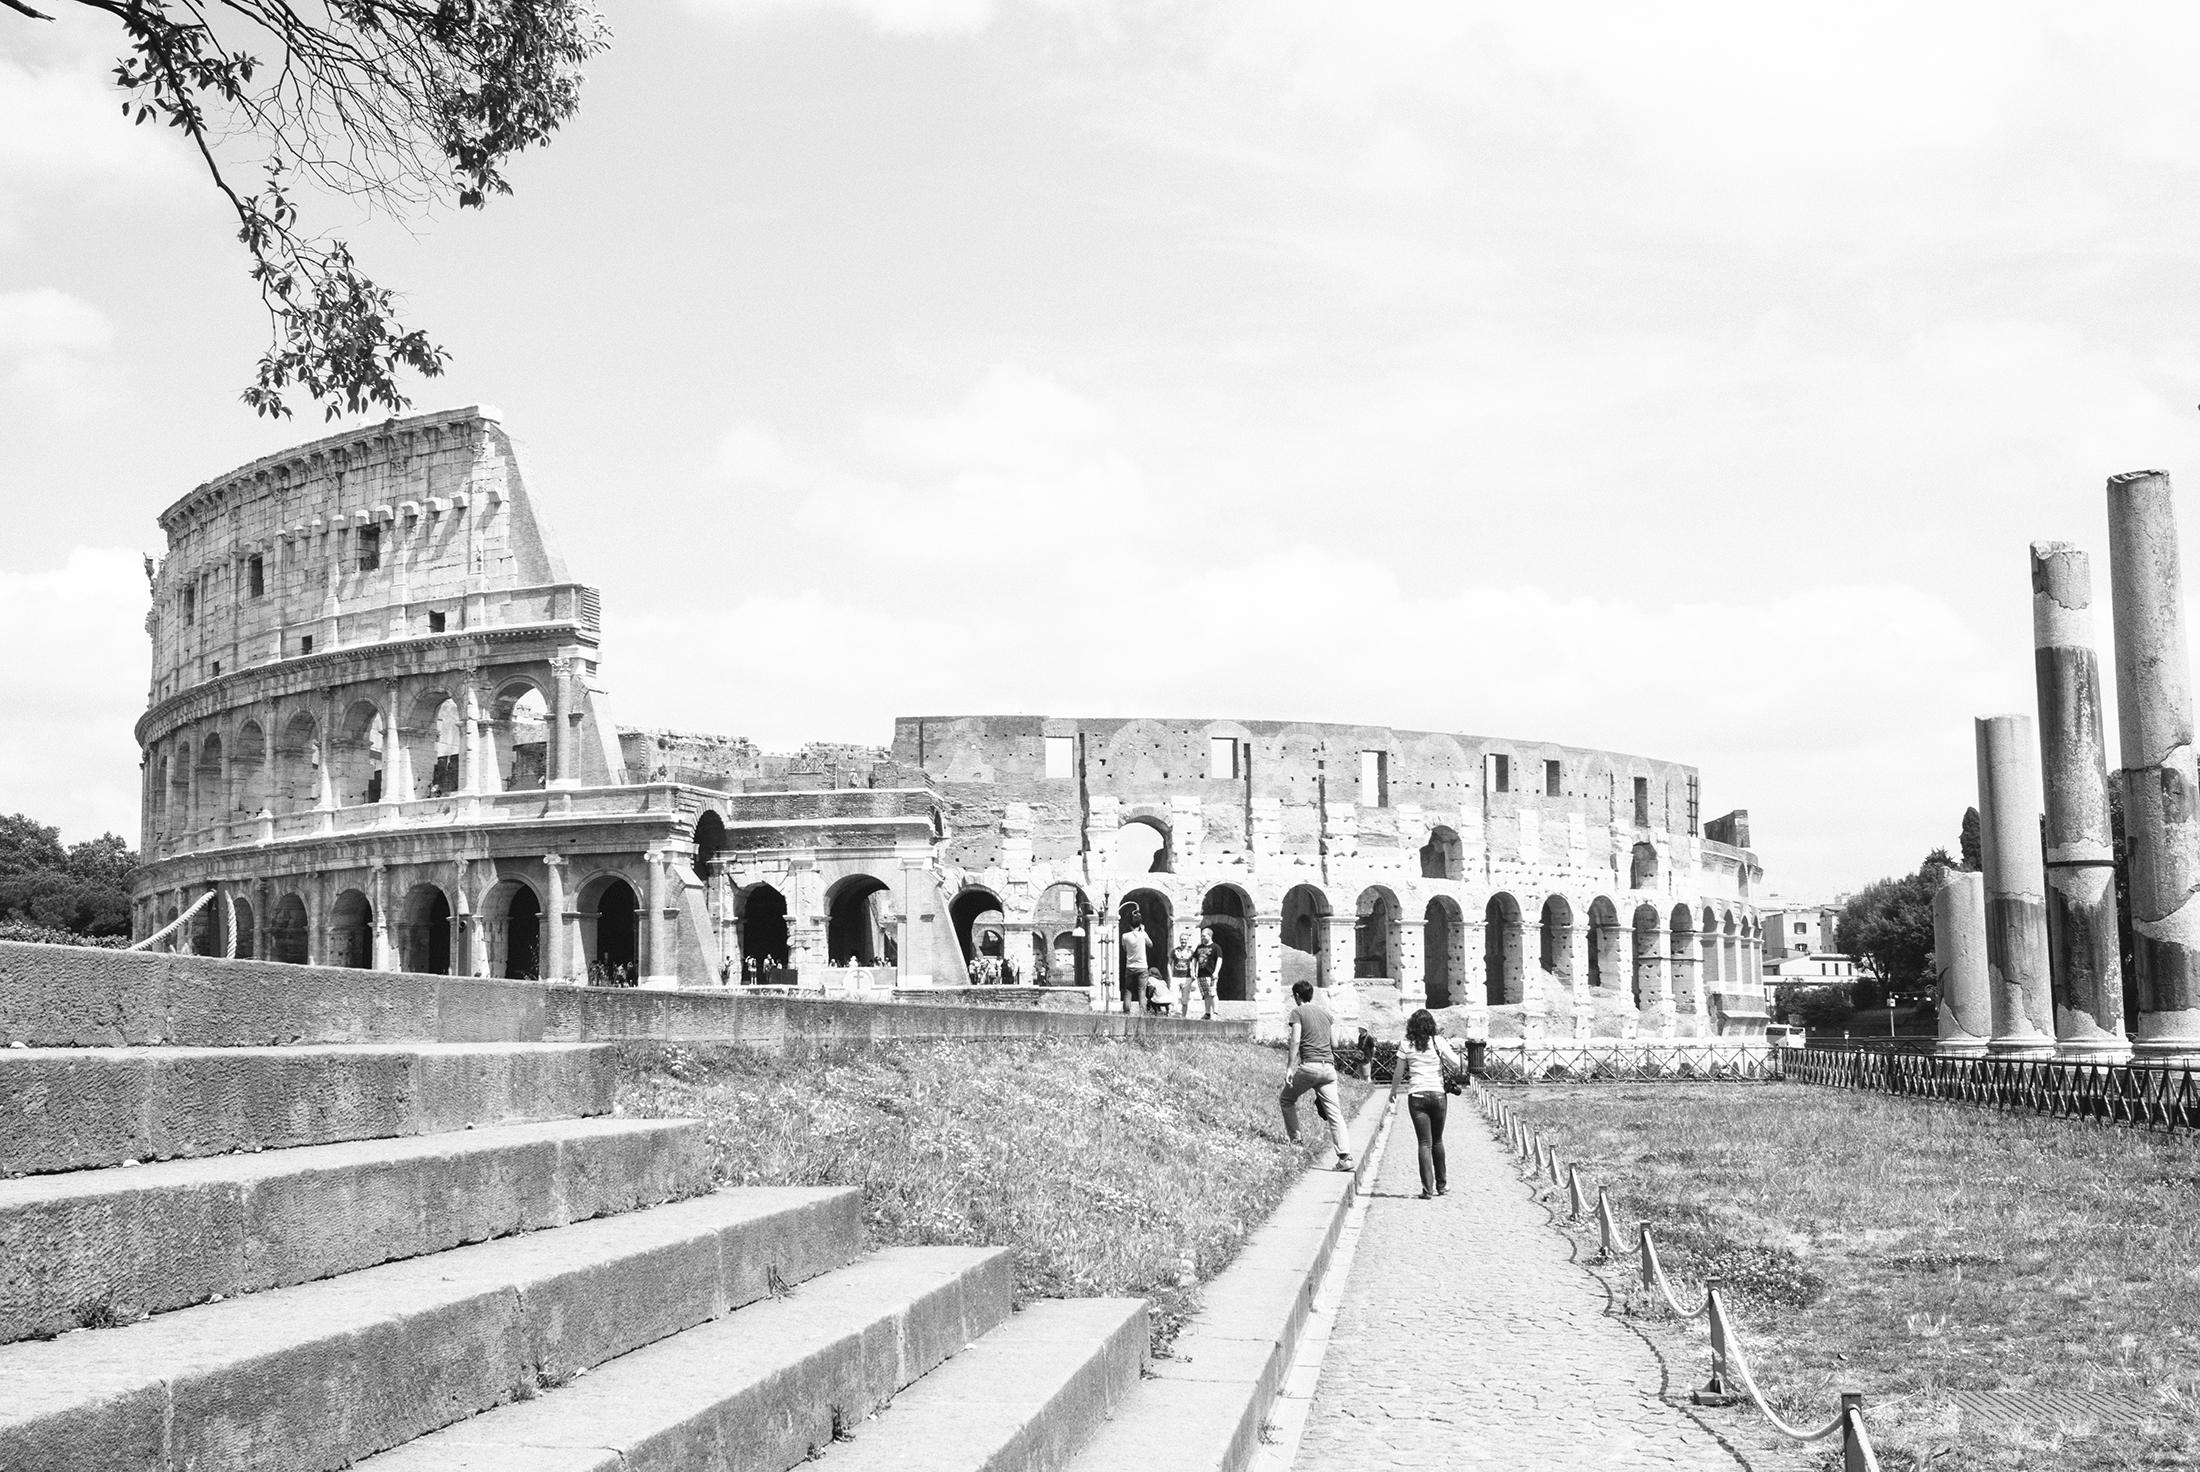 Rome_05282016_525 copy.jpg